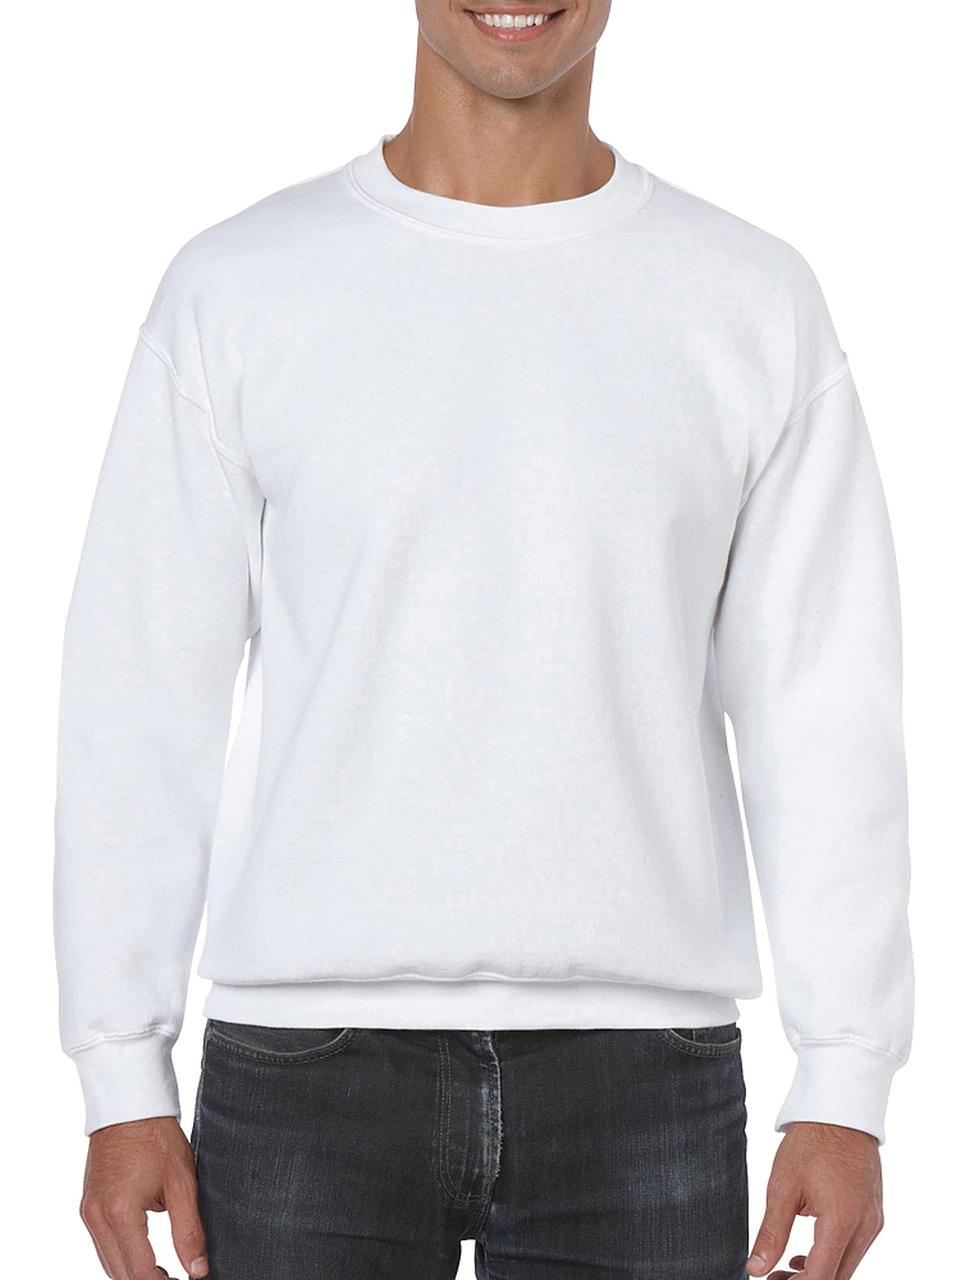 G180 Gildan Heavyweight Blend Crew Neck Sweatshirt 18000 Mens Crewneck Sweatshirt Crew Neck Sweatshirt Sweatshirts [ 1280 x 979 Pixel ]